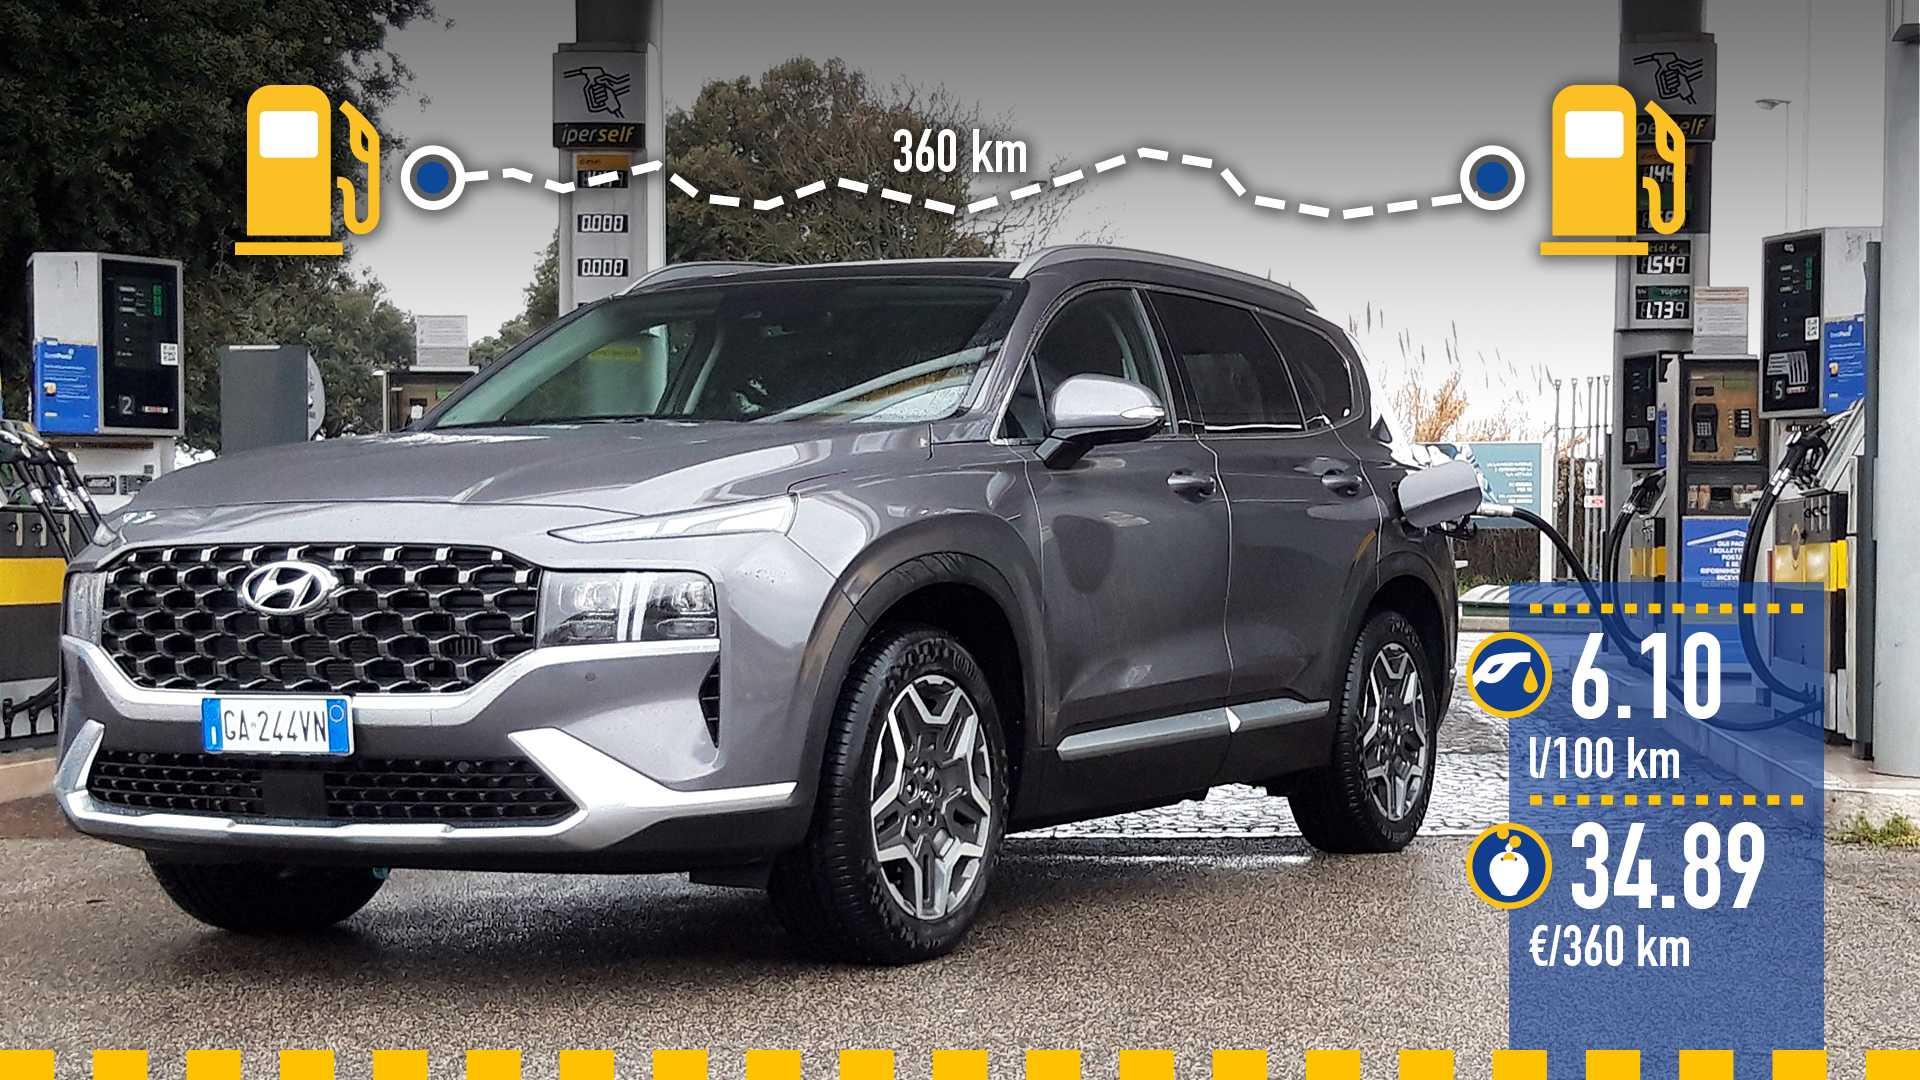 Hyundai Santa Fe ibrida, la prova dei consumi reali